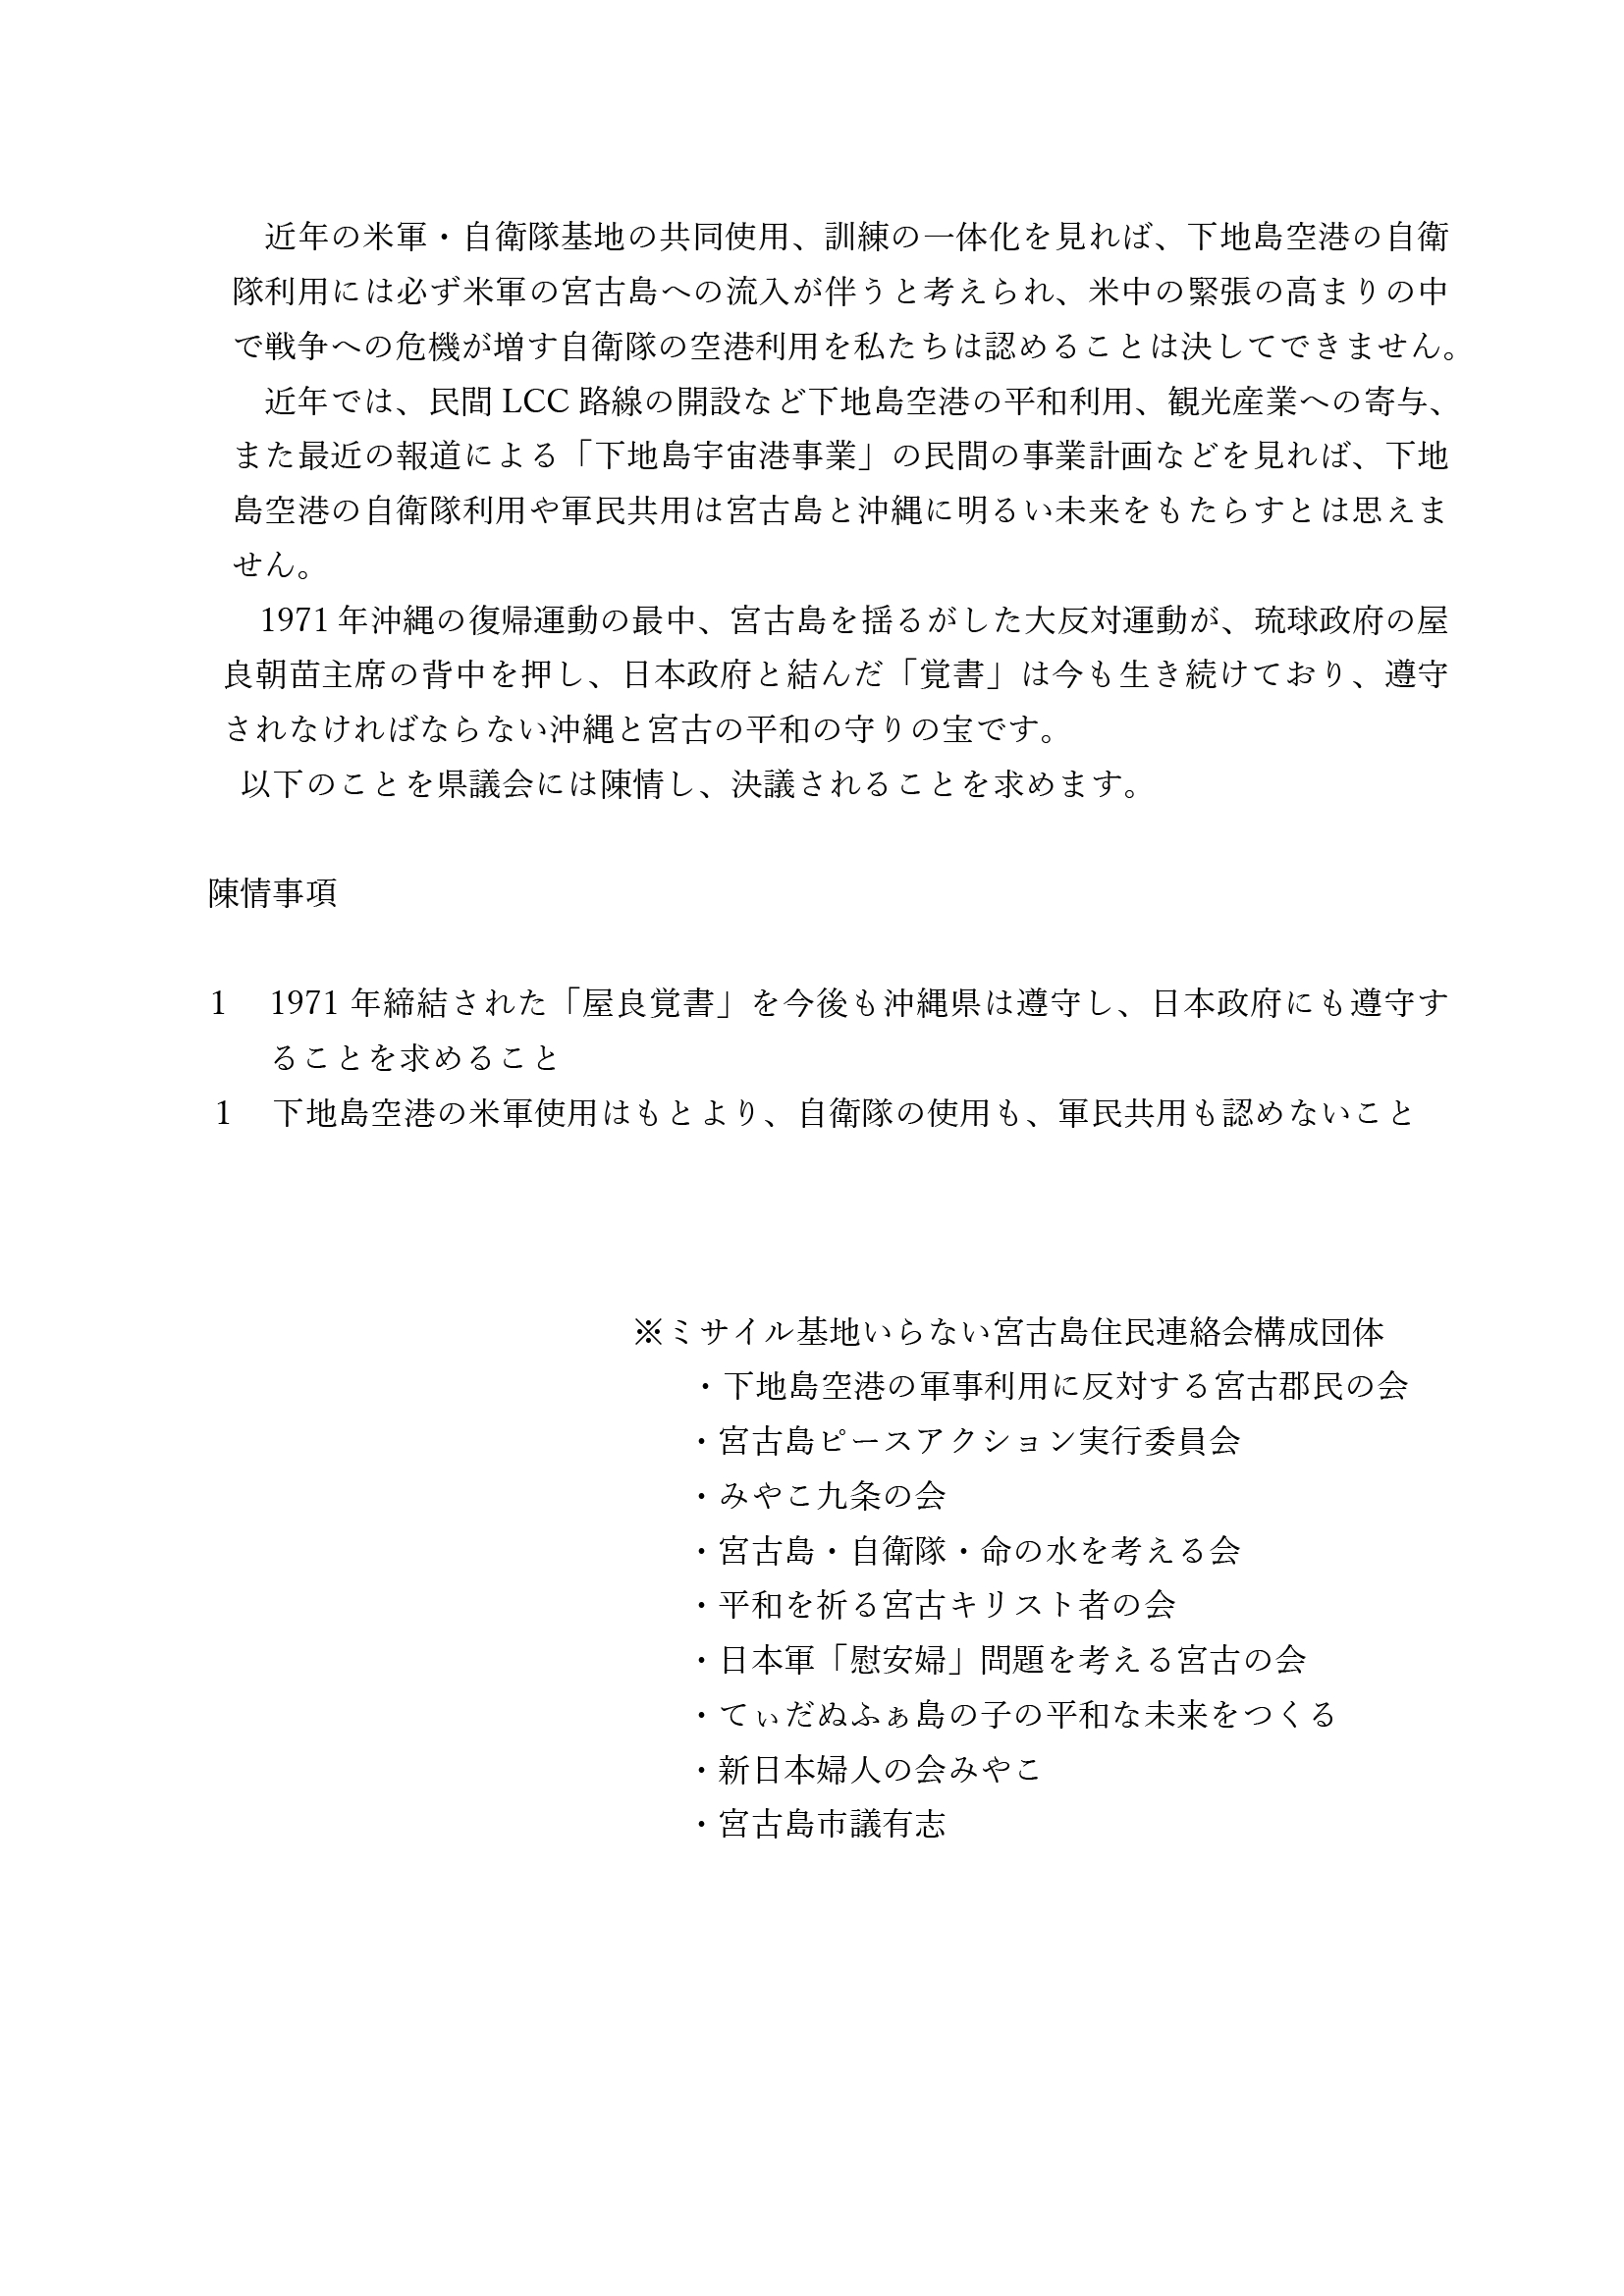 県議会陳情書2020 0923ブログ用02